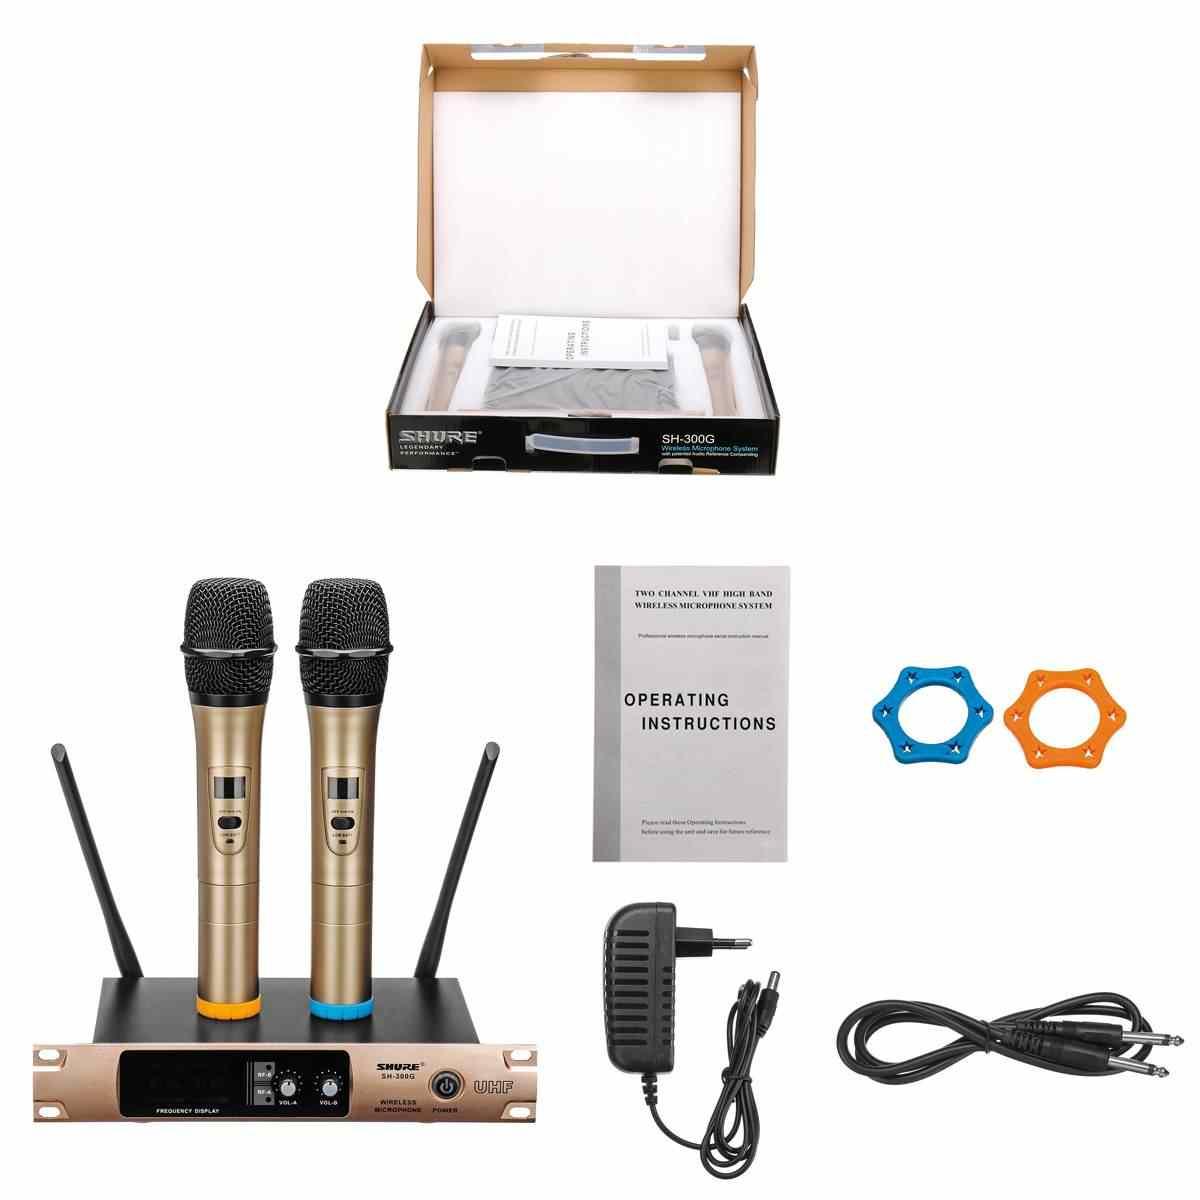 プロ UHF ワイヤレスマイクスピーカーハンドマイクカラオケマイクマイク音楽プレーヤー歌レコーダー KTV マイク